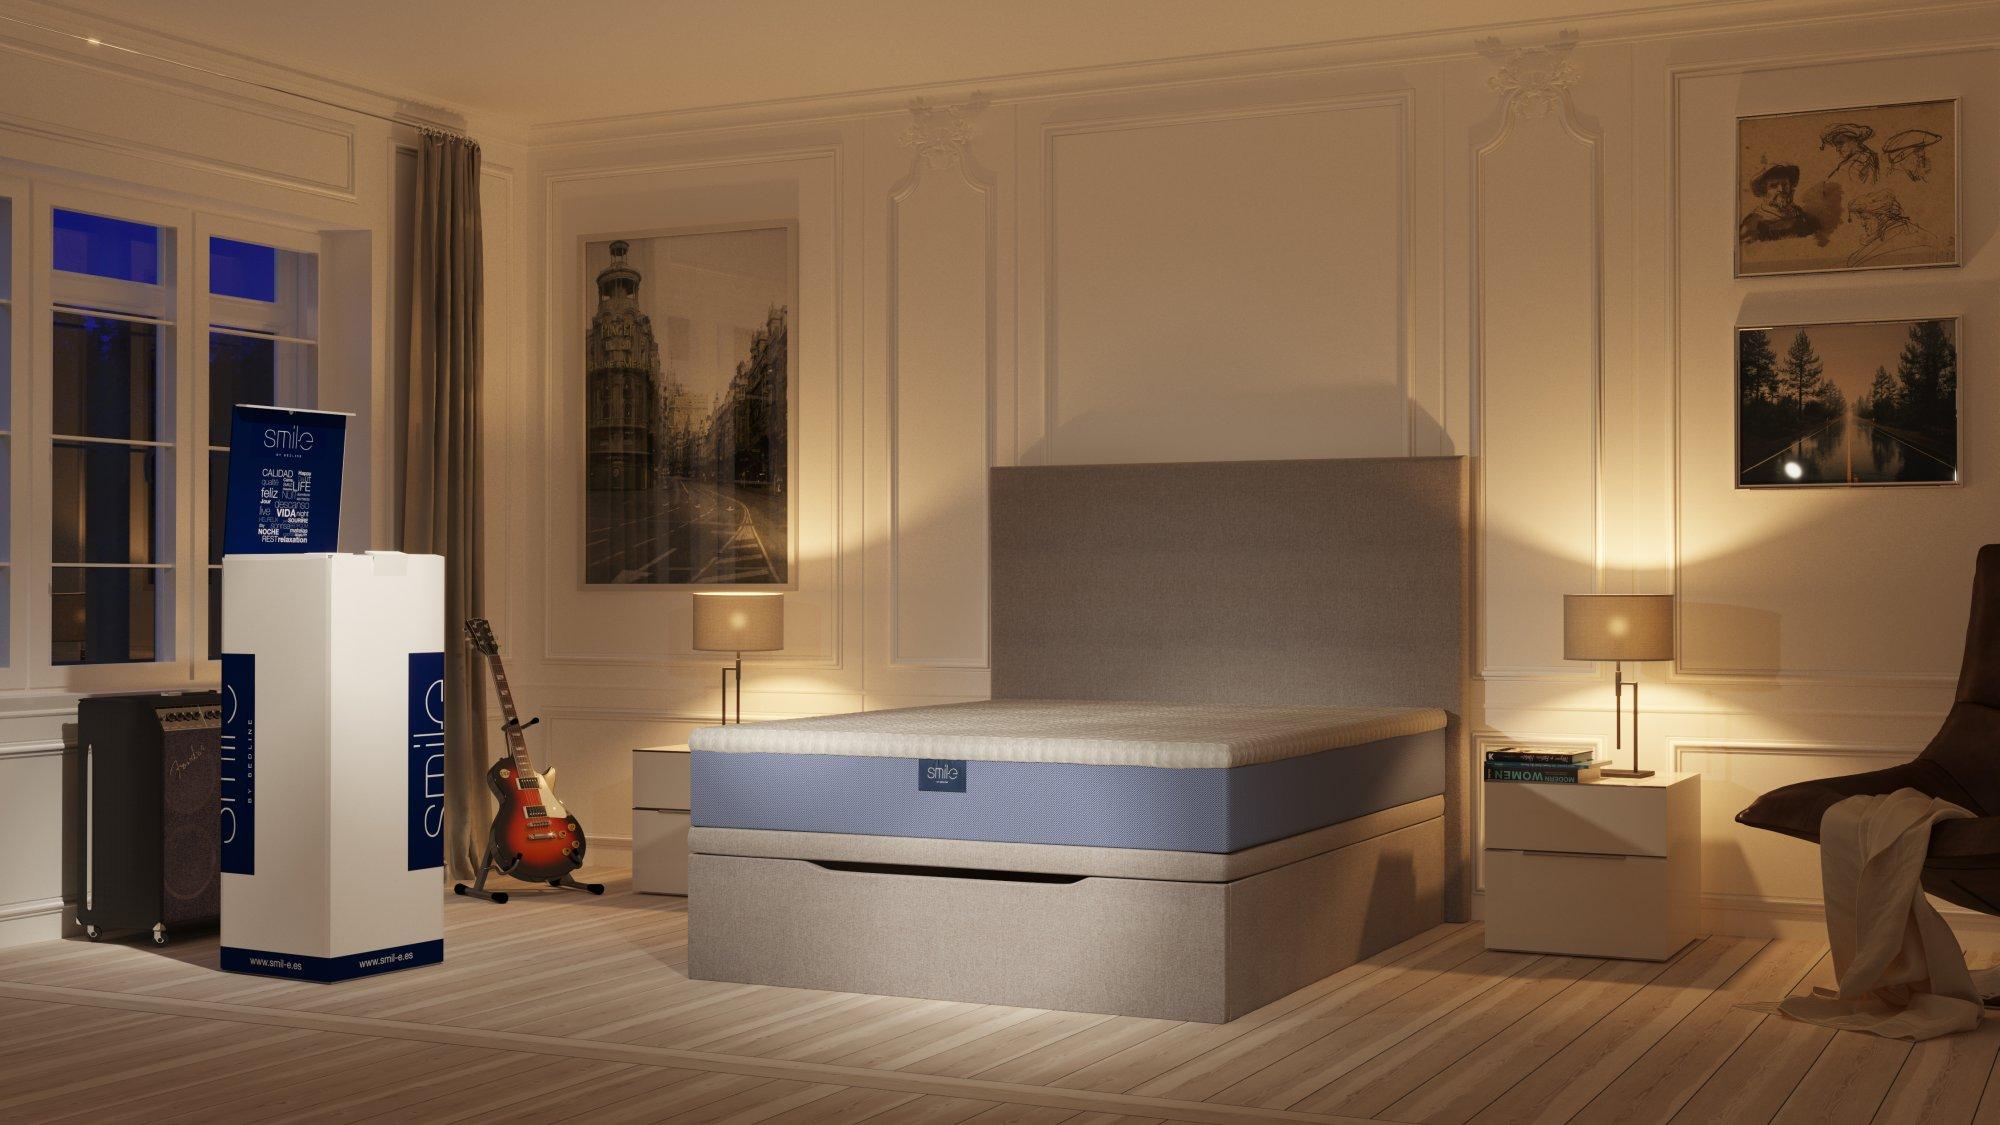 interiores 3D Ambiente dormitorio